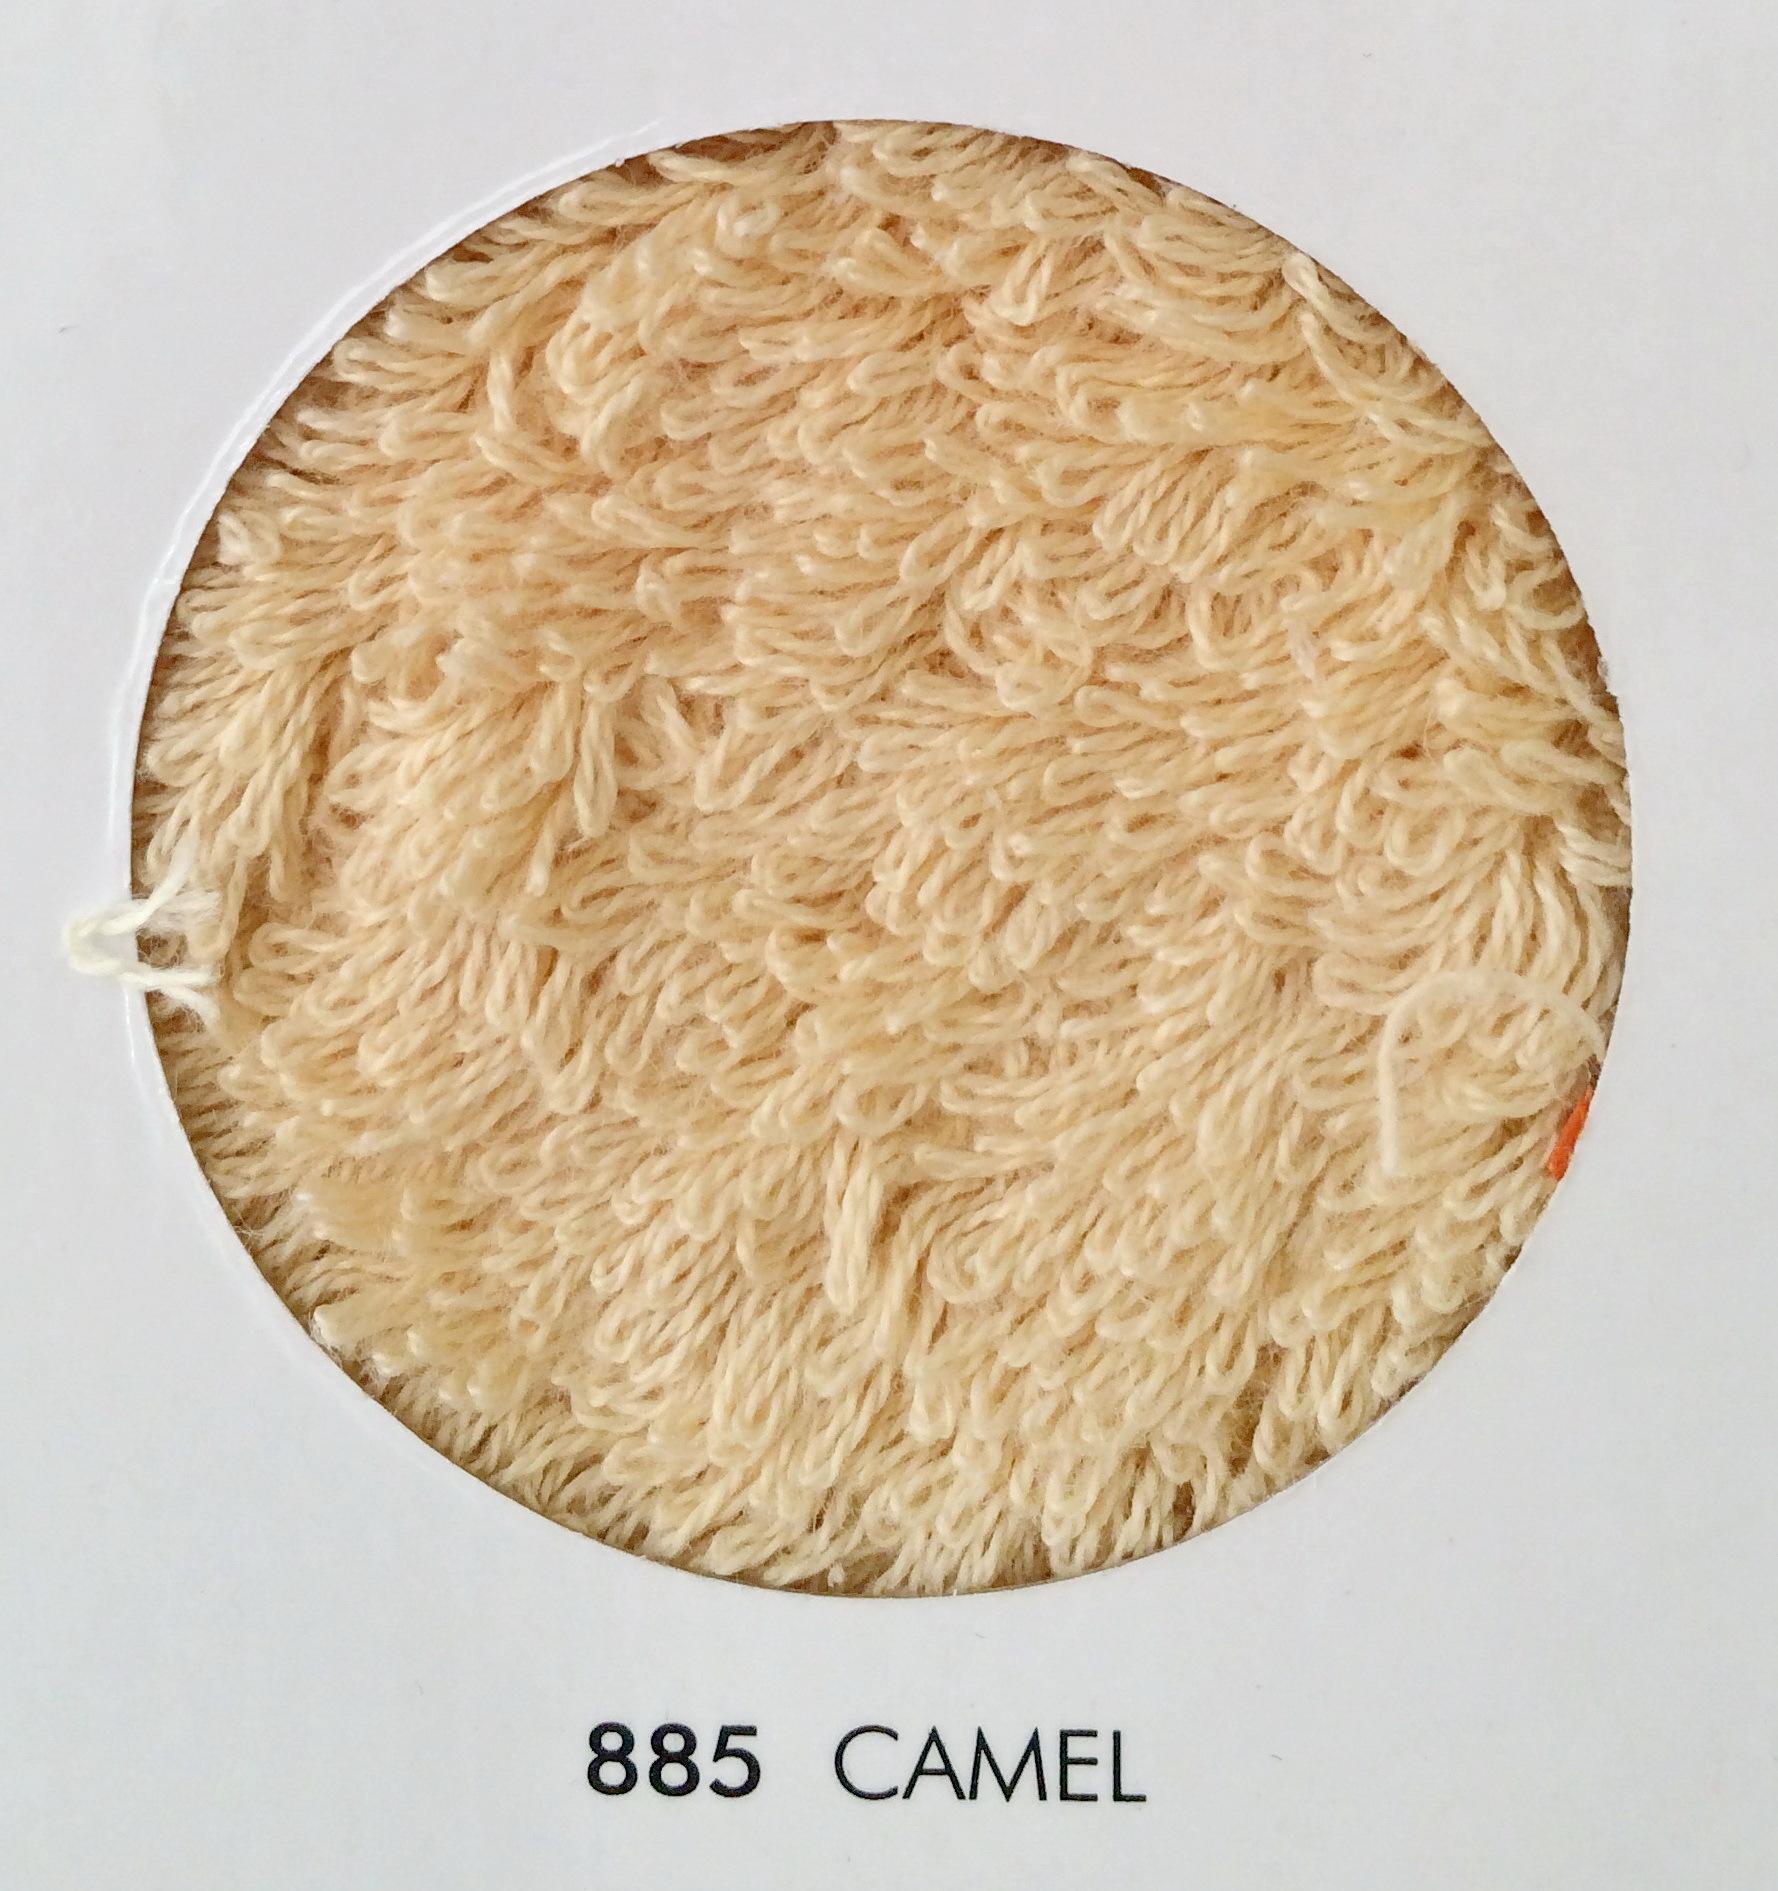 Коврики для унитаза Коврик для унитаза 60х60 Abyss & Habidecor Must 885 Camel elitnyy-kovrik-dlya-unitaza-must-885-camel-ot-abyss-habidecor-portugaliya.jpg